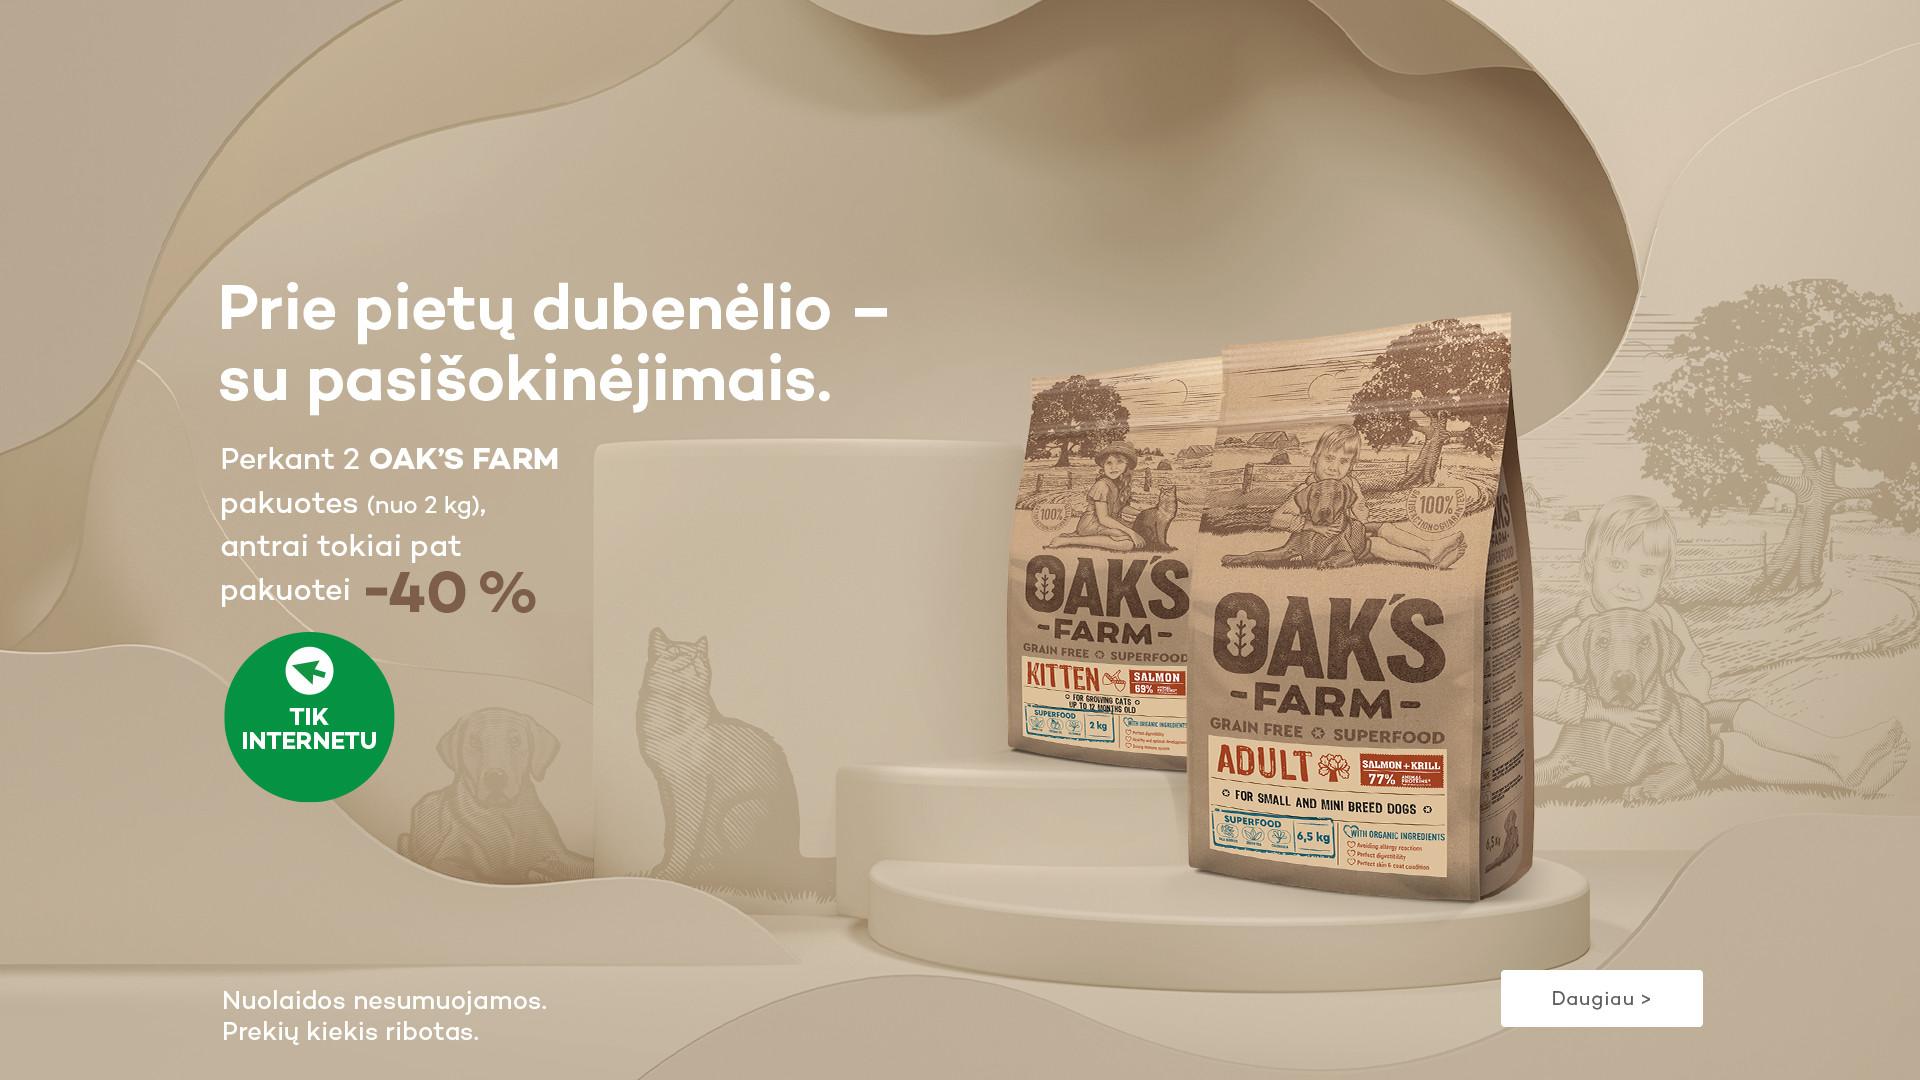 Oak's Farm antra pakuote (nuo 2 kg) -40%